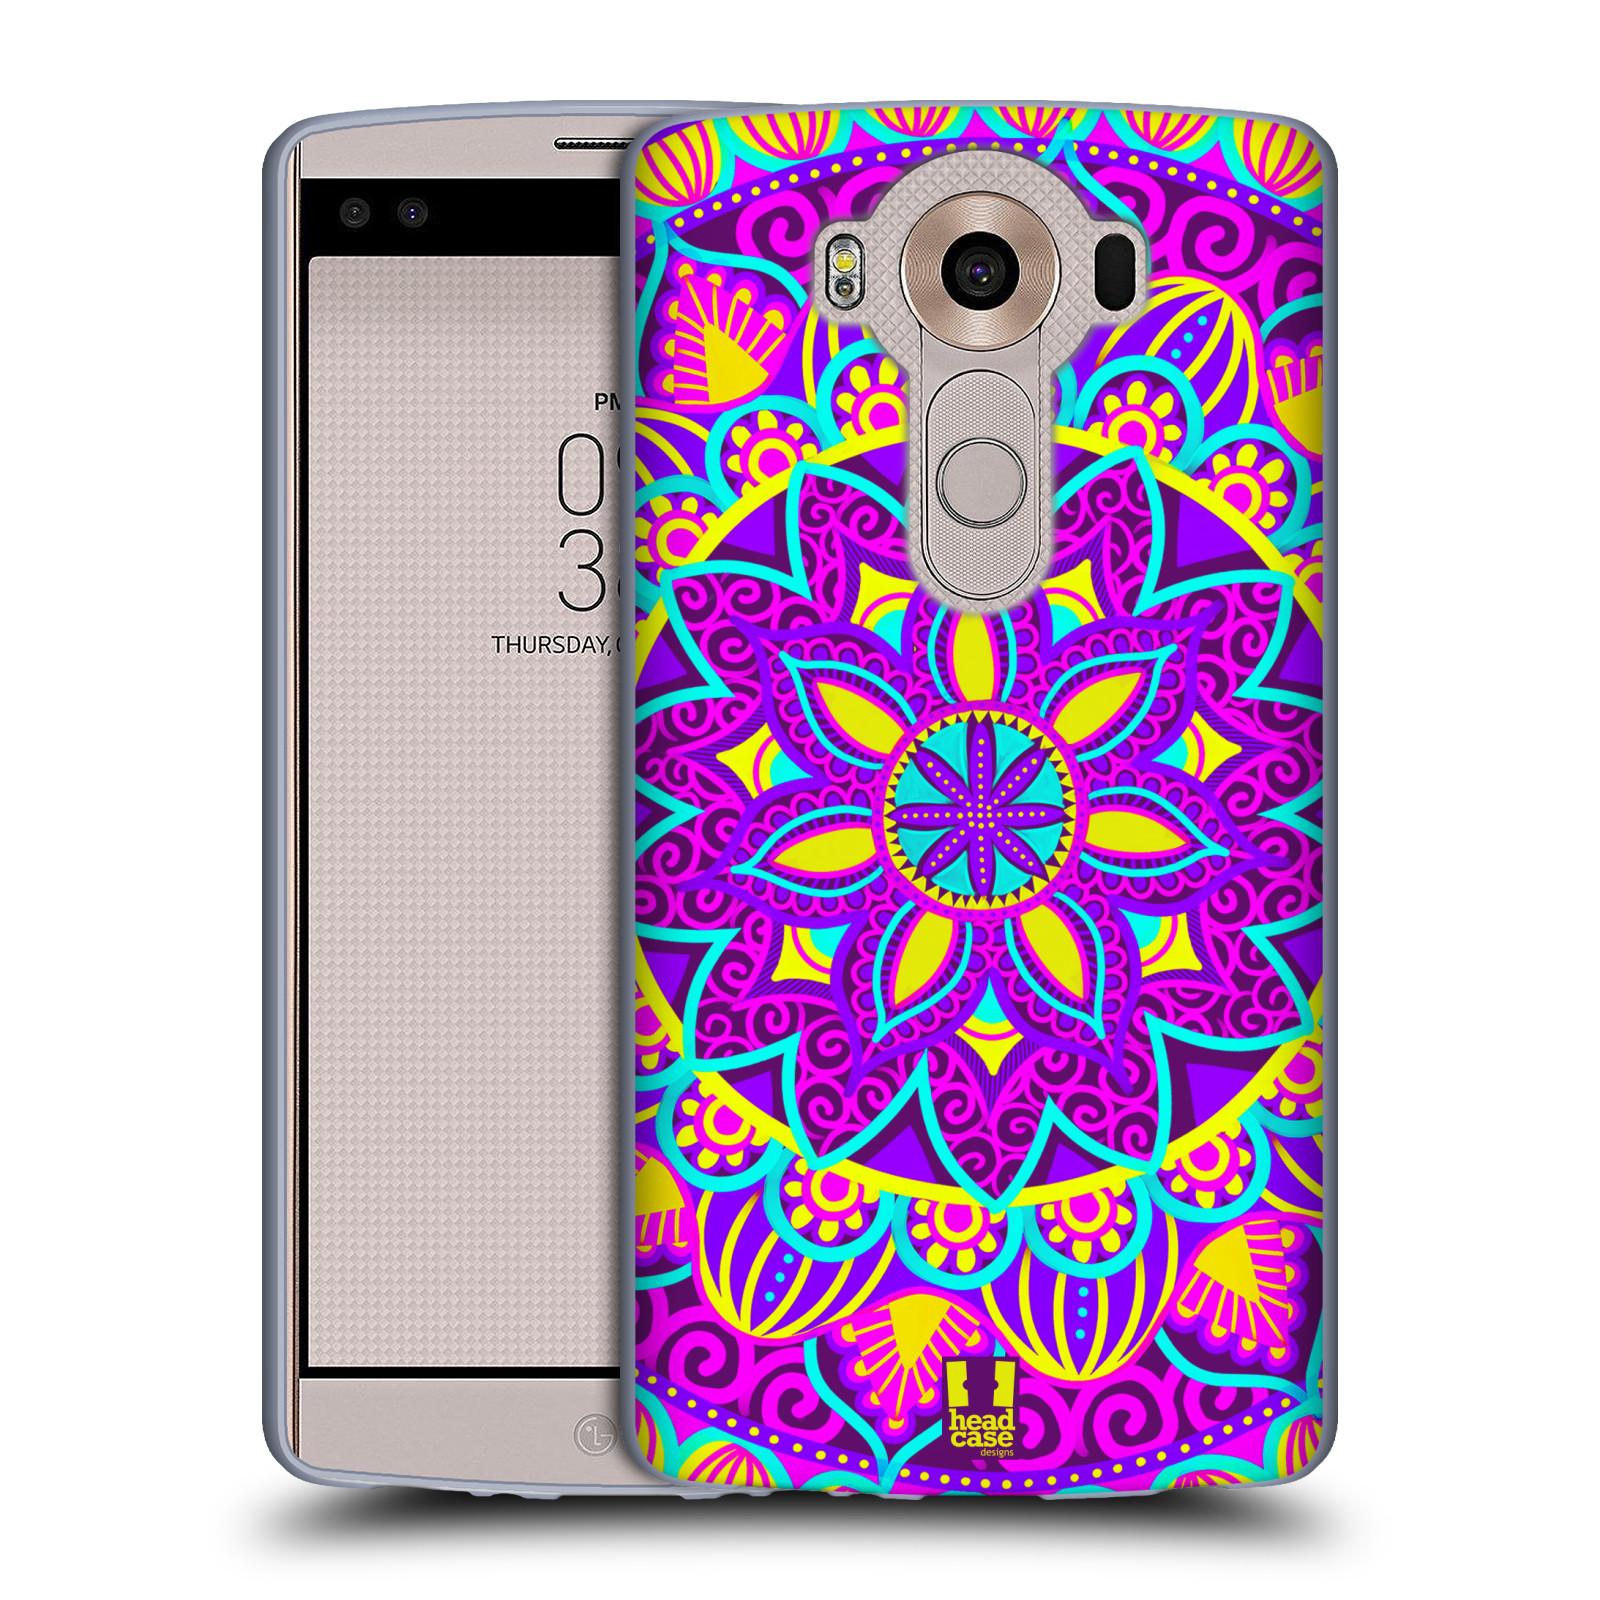 HEAD CASE silikonový obal na mobil LG V10 (H960A) vzor Indie Mandala květinový motiv FIALOVÁ KVĚTINA